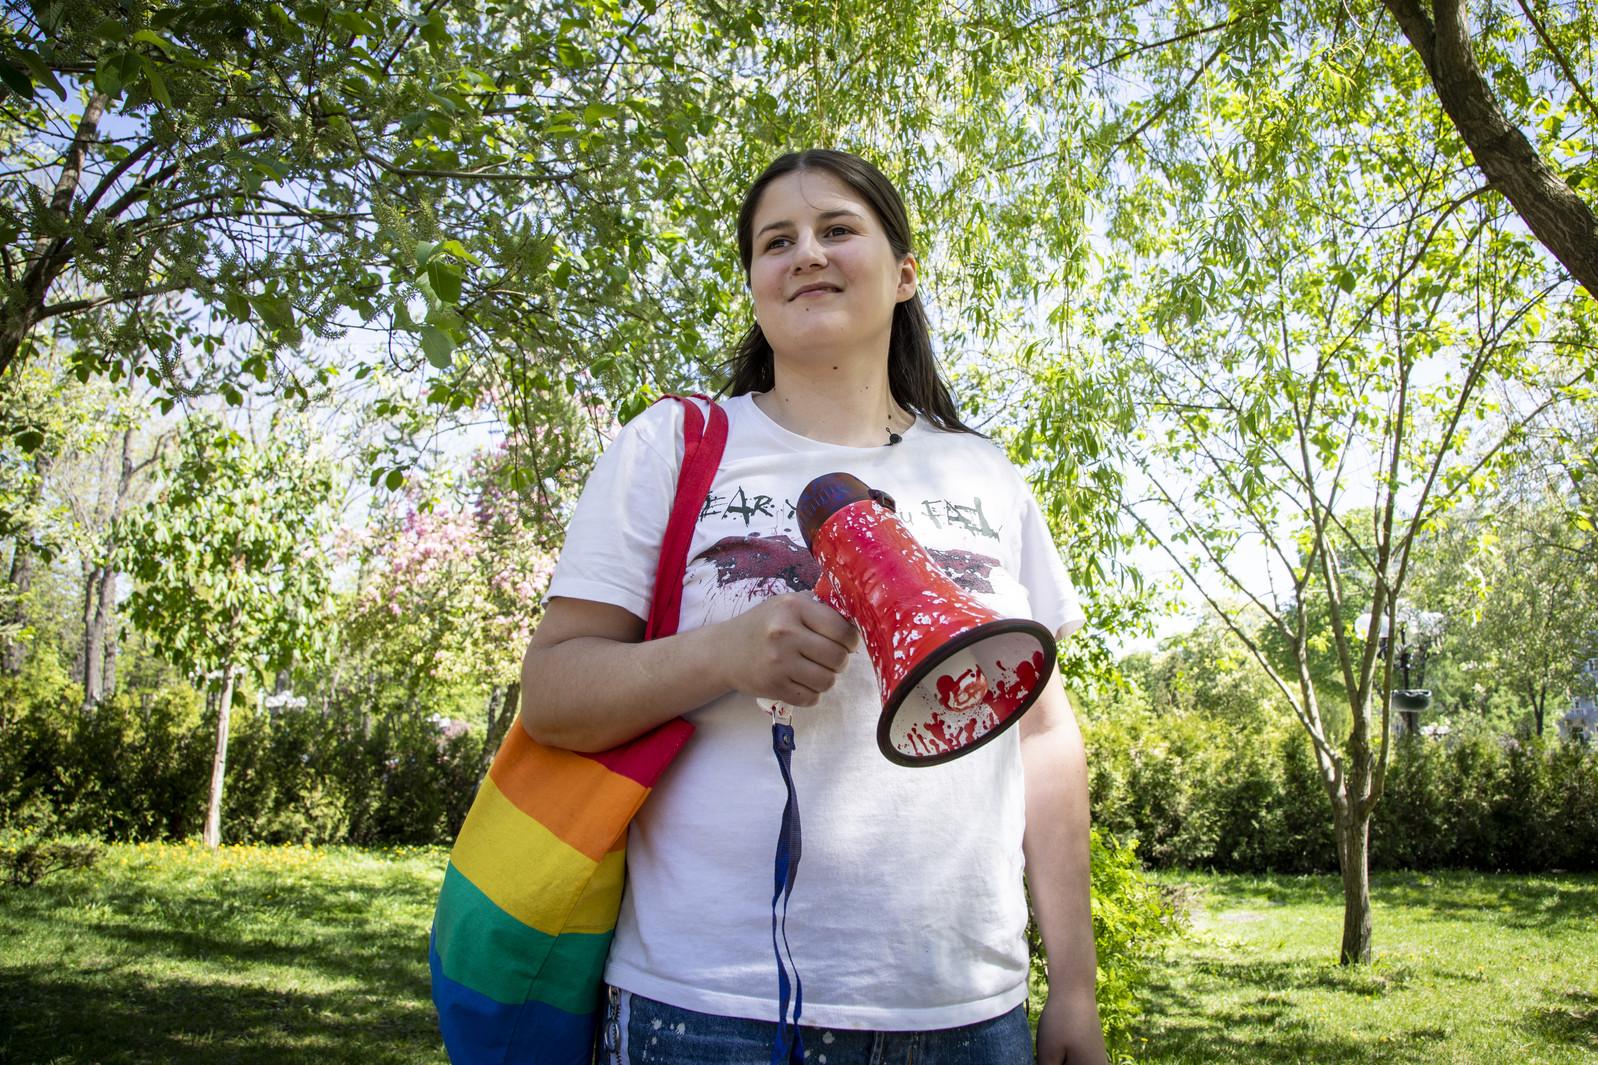 Protect Ukrainian activist Vitalina Koval